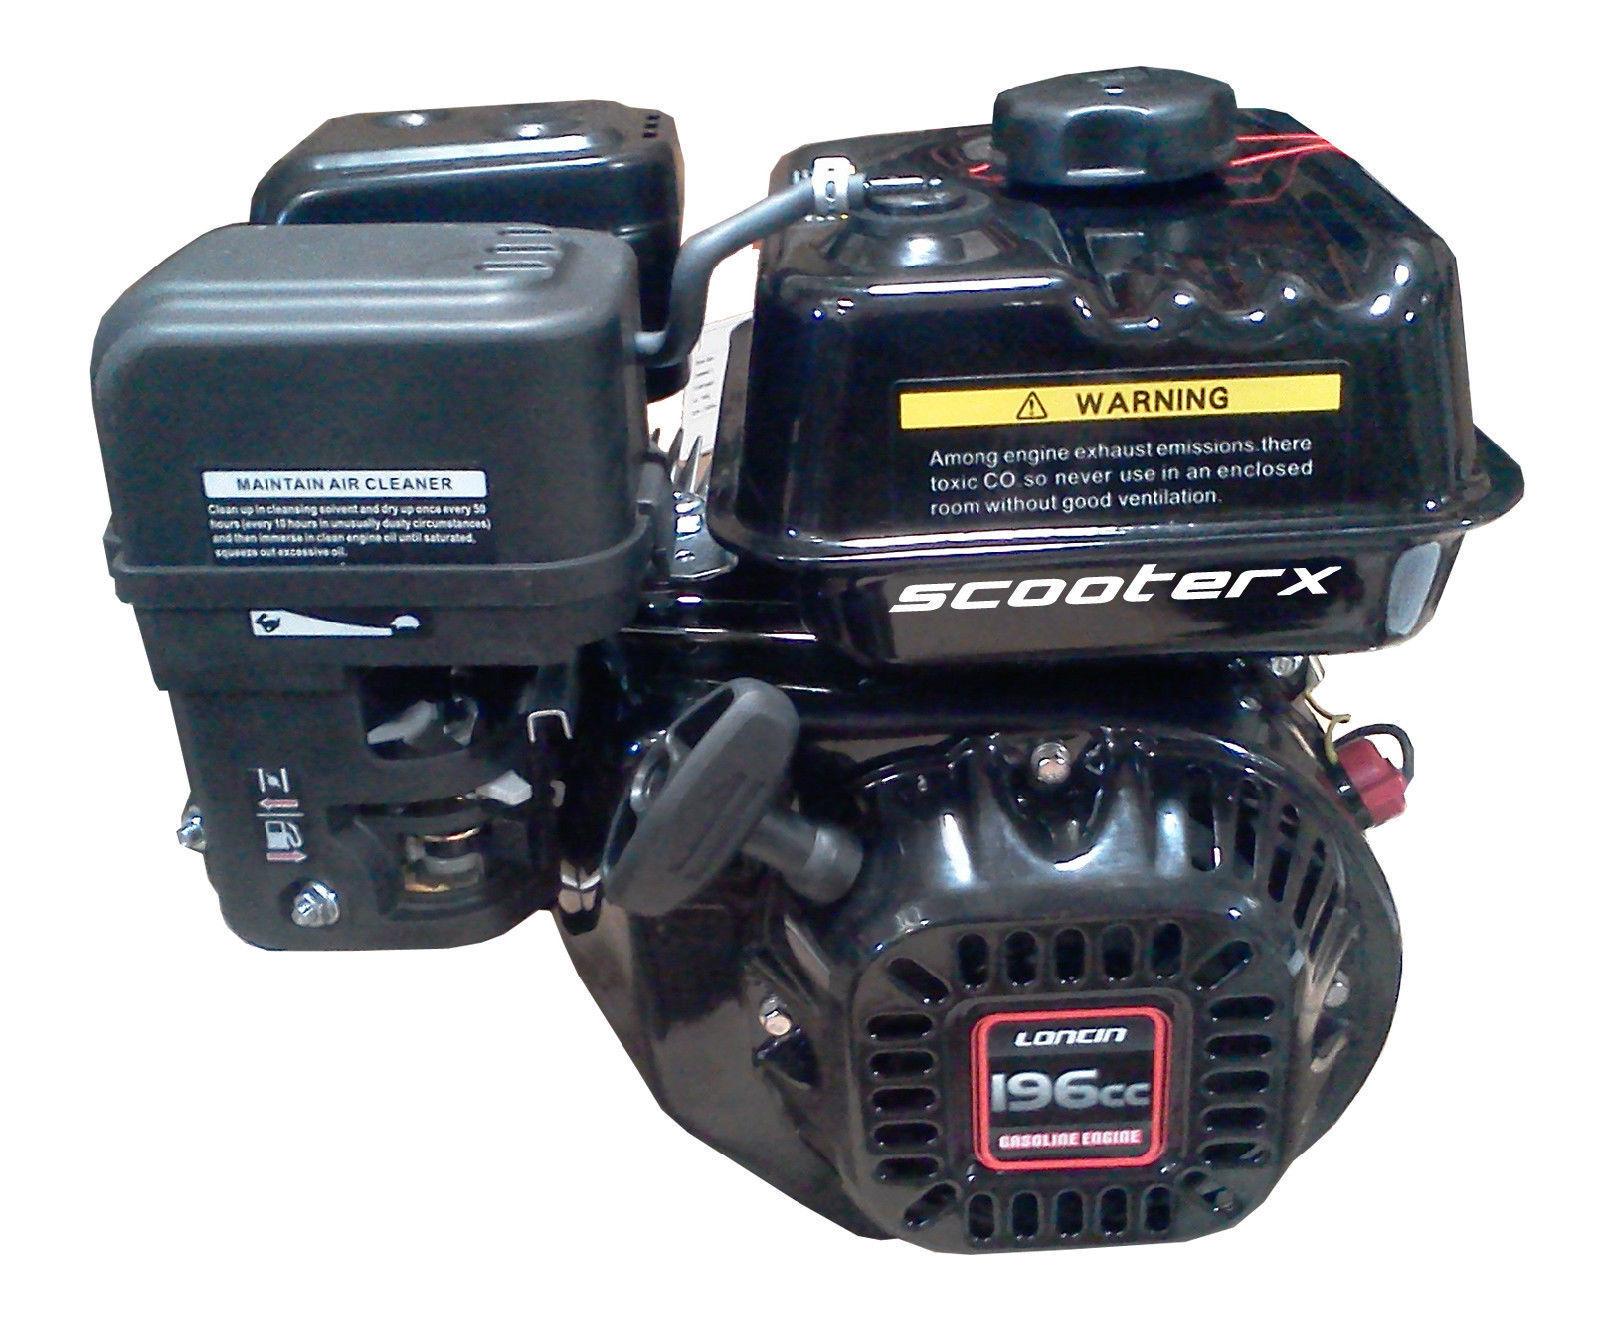 Gas Motor Gasolina 196cc 6.5hp 3 4  motor del eje EPA aprobaron Go Kart Chopper Nuevo Y En Caja